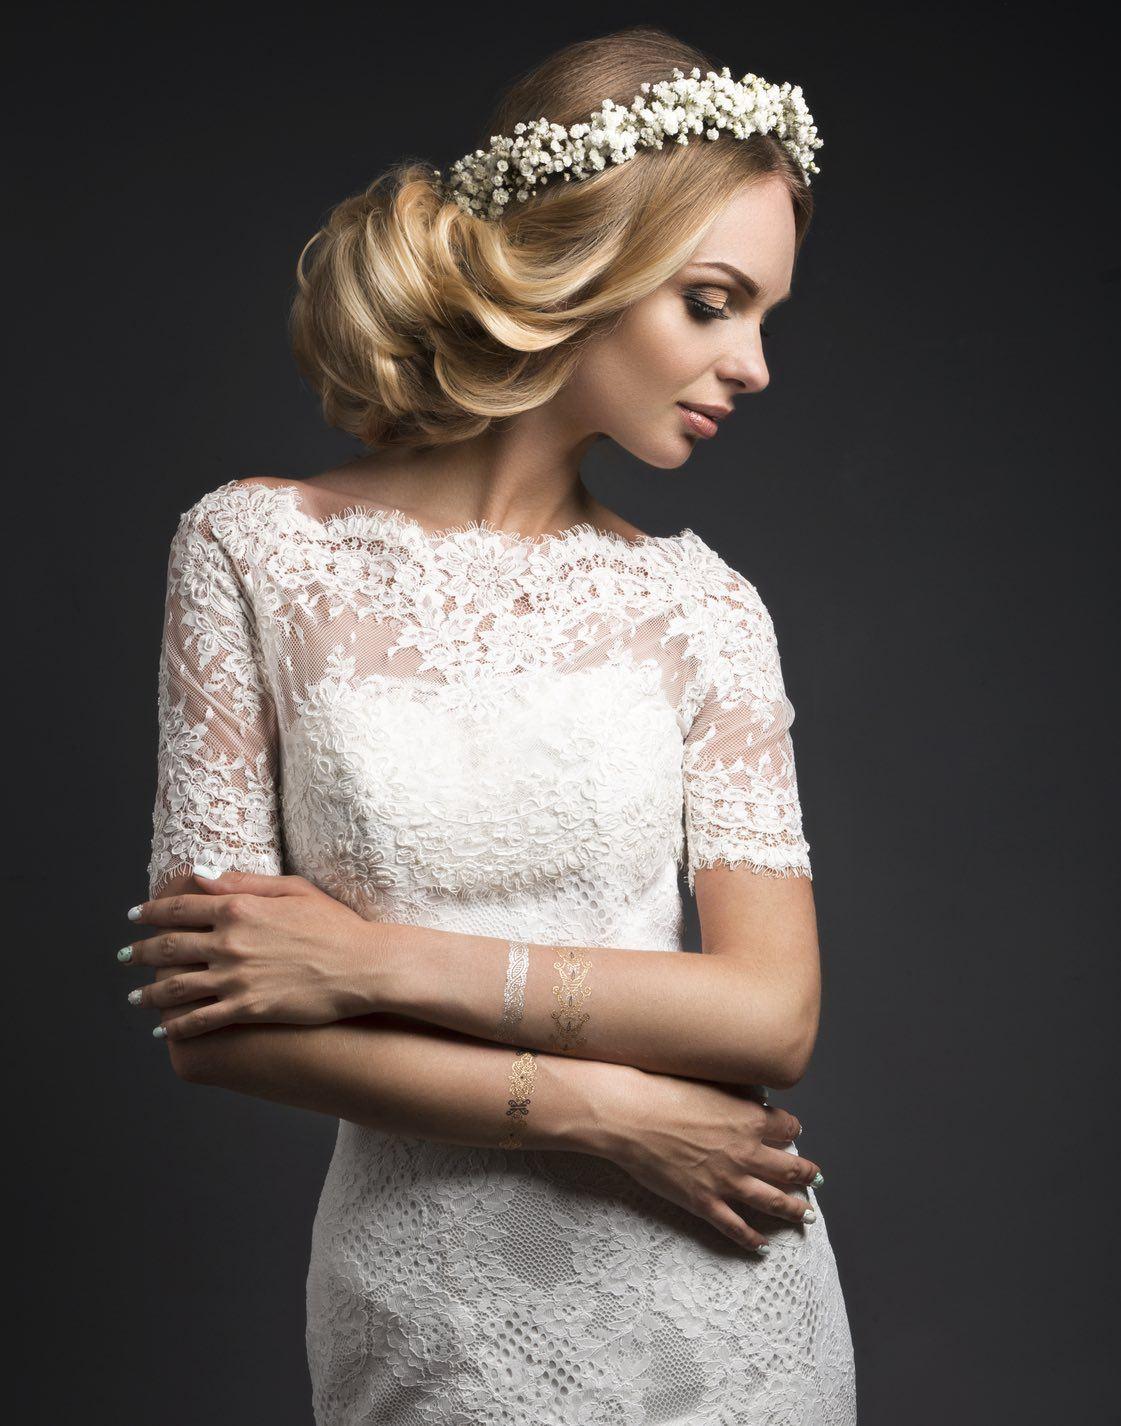 Braut Styling Frisur Und Make Up Fur Die Hochzeit Look Beautiful